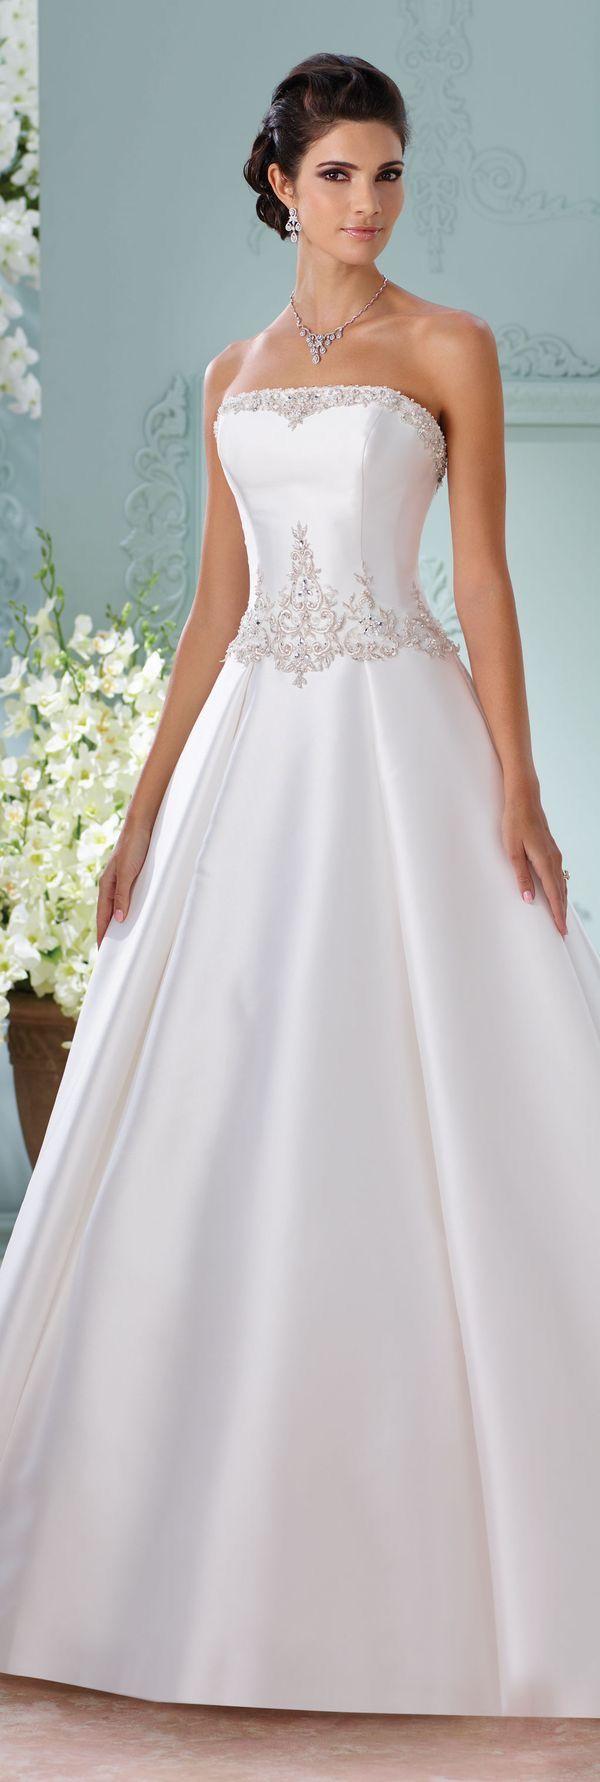 388 besten Hochzeitskleider Bilder auf Pinterest | Hochzeitskleider ...